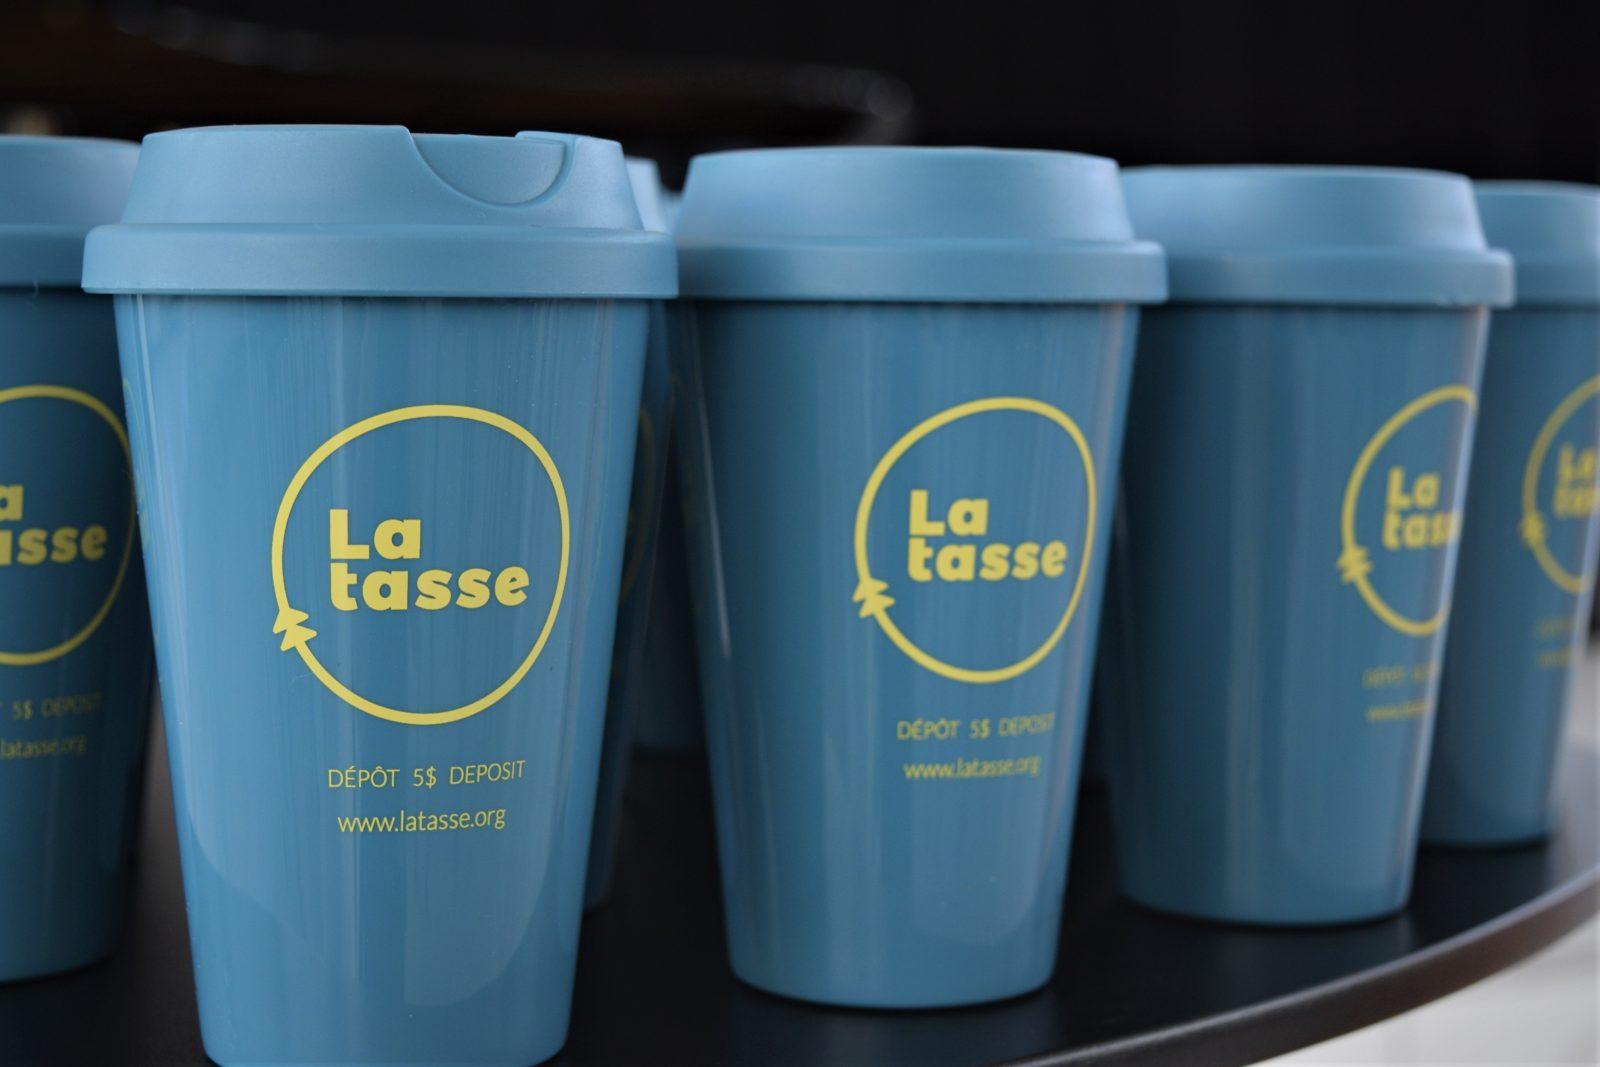 Débarque La L'express Écologique Tasse À Drummondville Le Mouvement n8PkwX0O